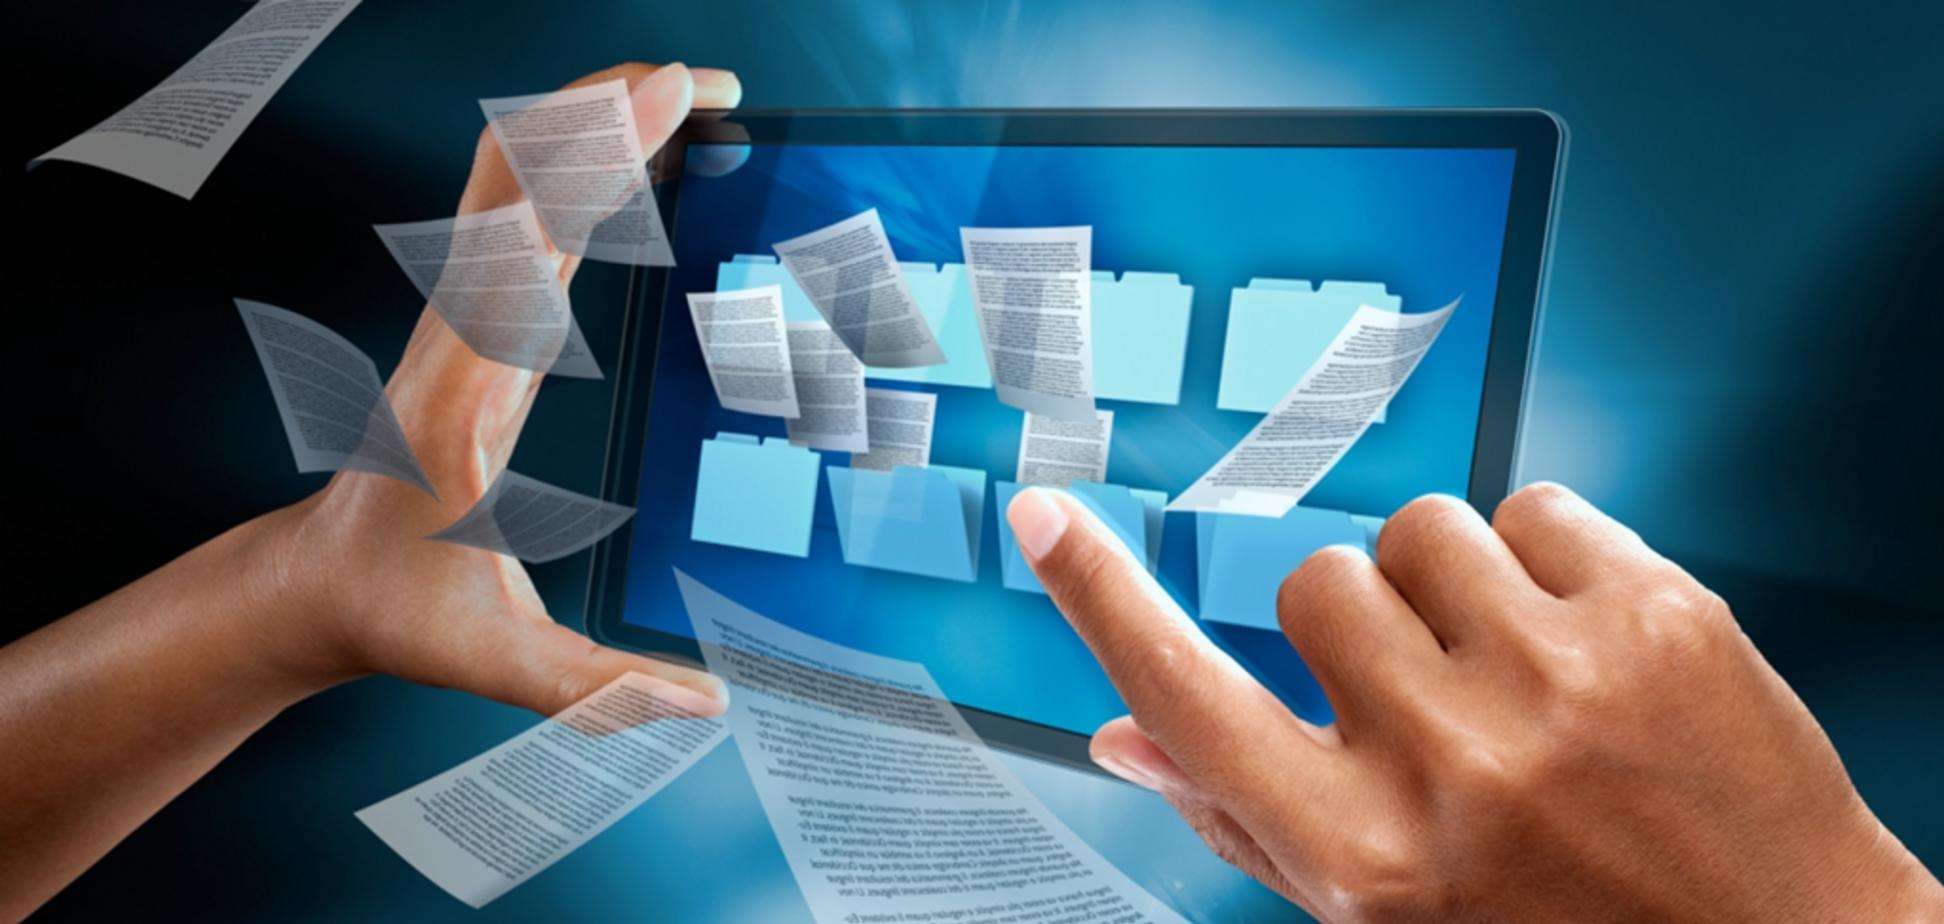 Всеохопна диджиталізація: 'Дебет-Кредит' долучився до ведення бізнесу #Безпаперу